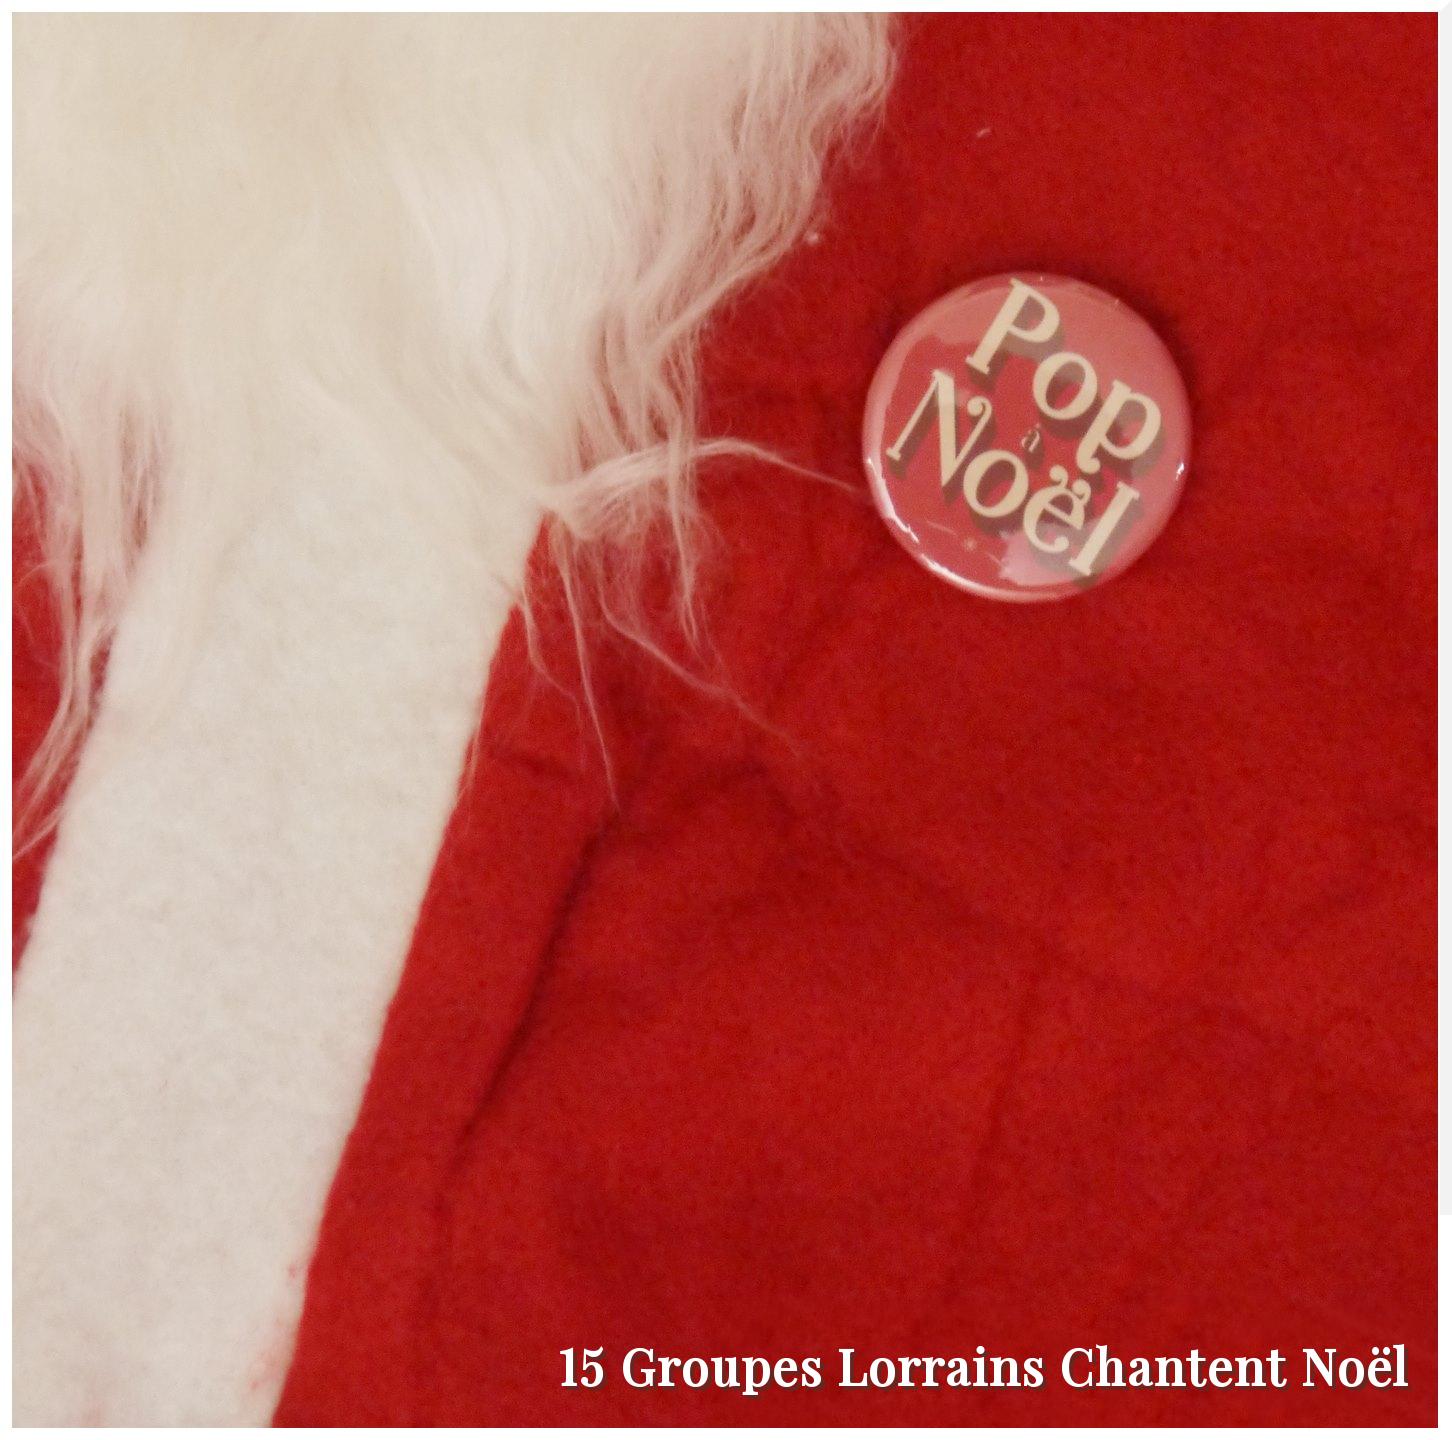 Pop Noel